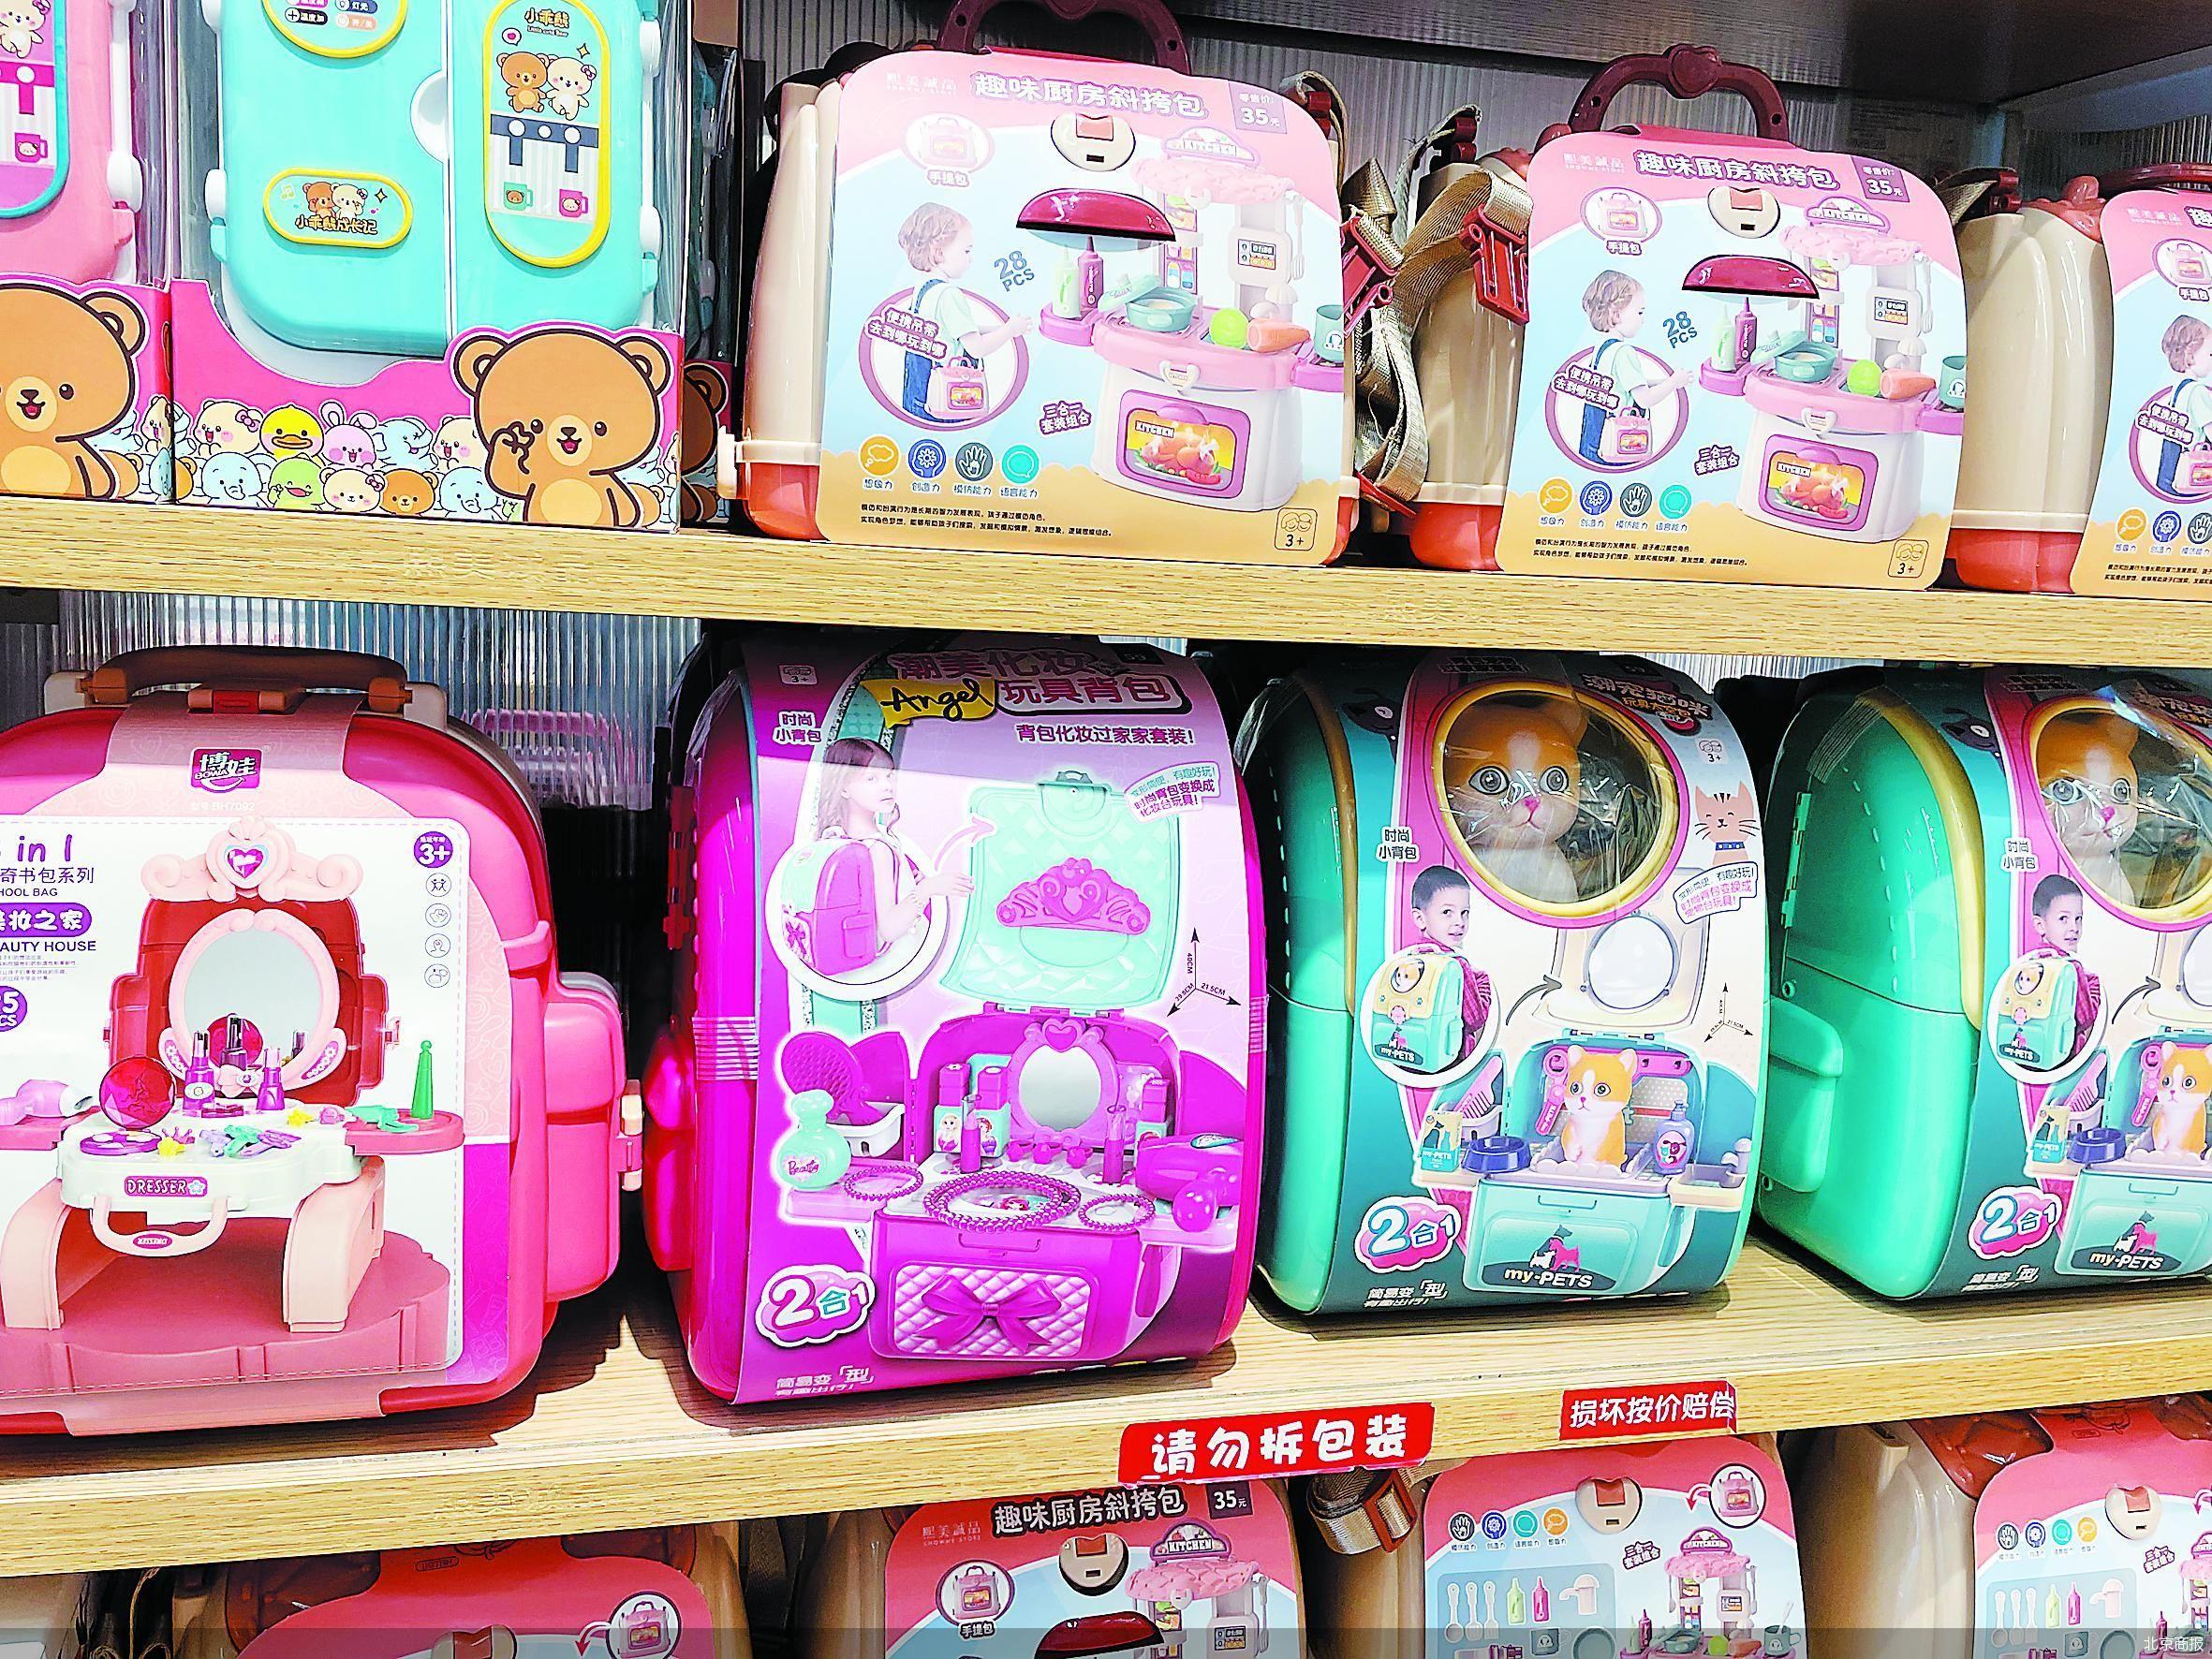 玩具盒里的儿童化妆品安全吗?代工厂按下暂停键